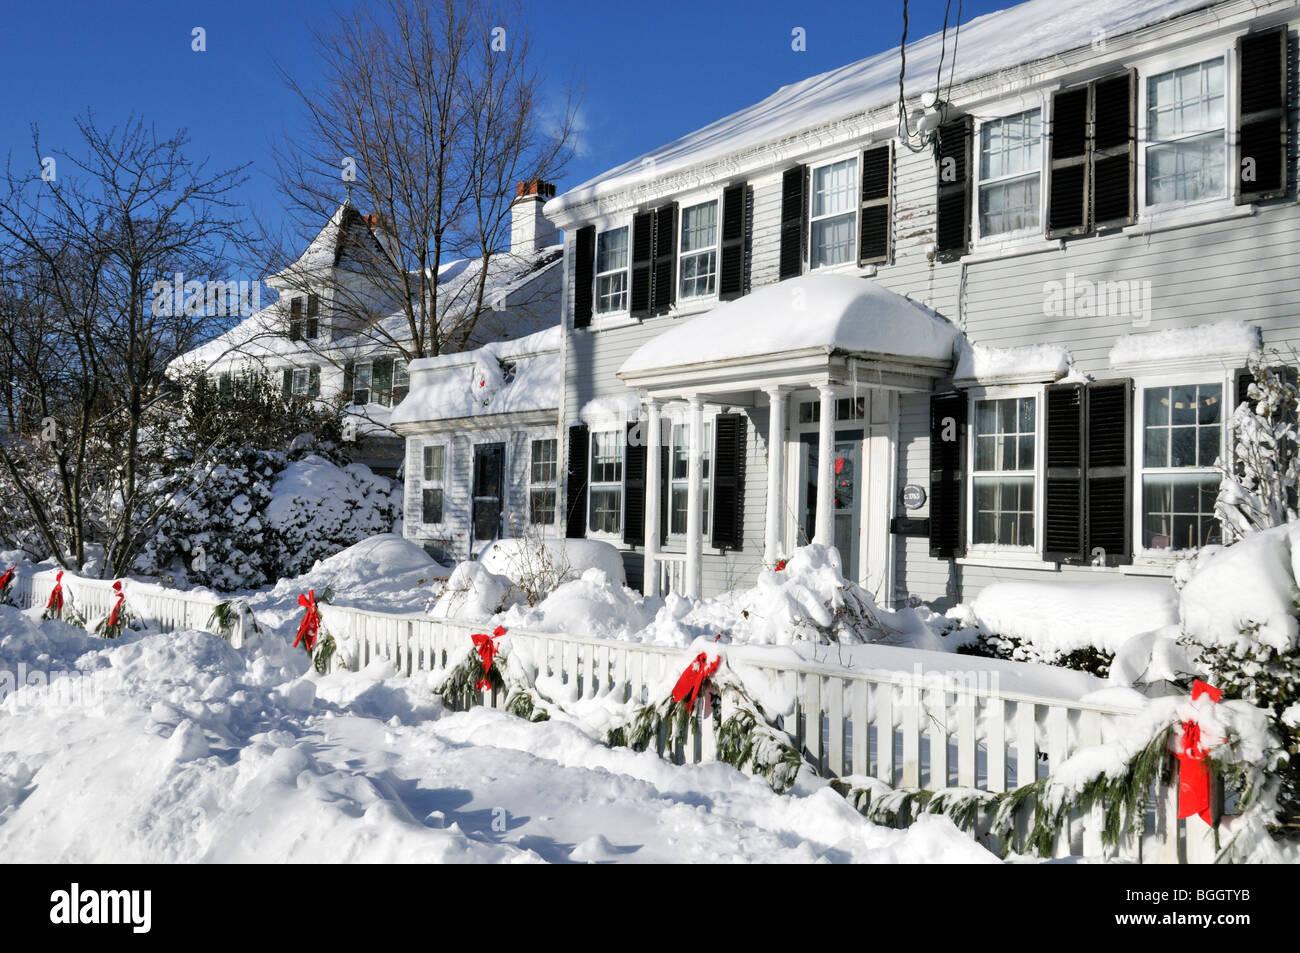 schneebedeckte new england haus zu weihnachten in falmouth cape cod massachusetts usa. Black Bedroom Furniture Sets. Home Design Ideas